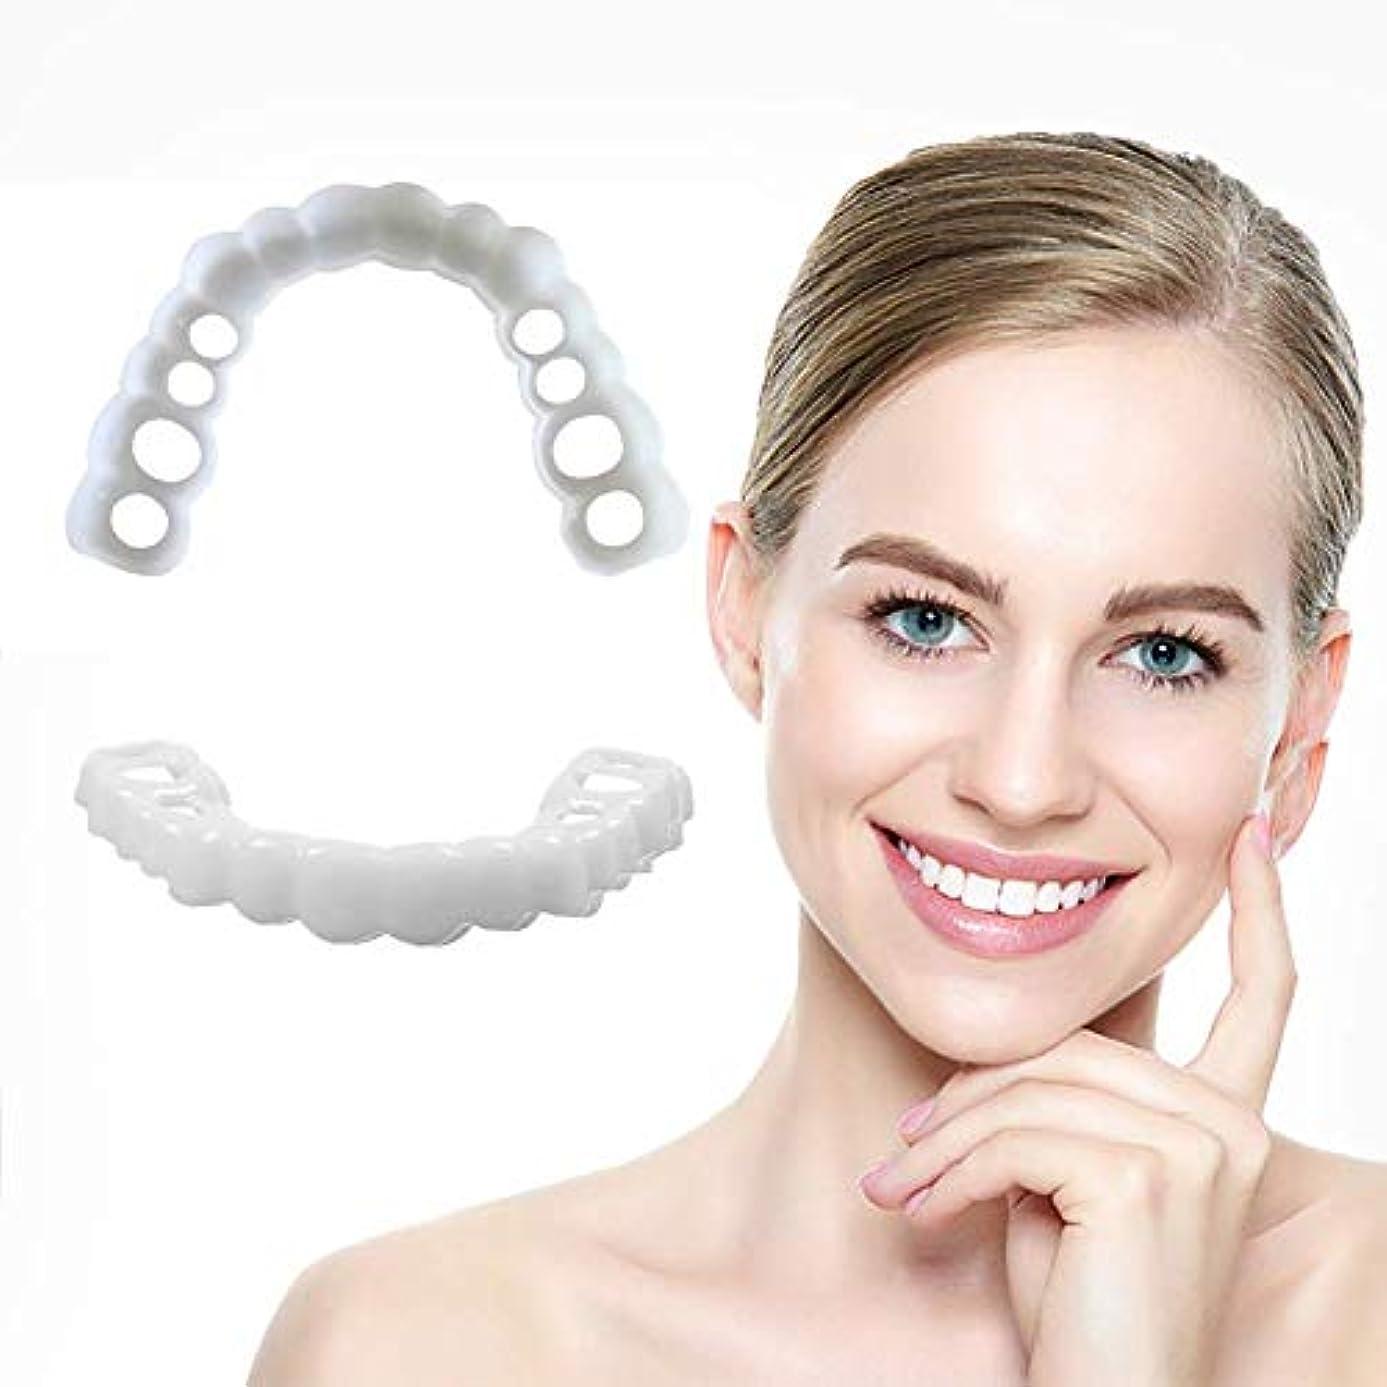 ハロウィン知人バイソン義歯上下義歯インスタントスマイルコンフォートフィットフレックスコスメティックティーストップ化粧品突き合わせ箱入り(下+上),6Set